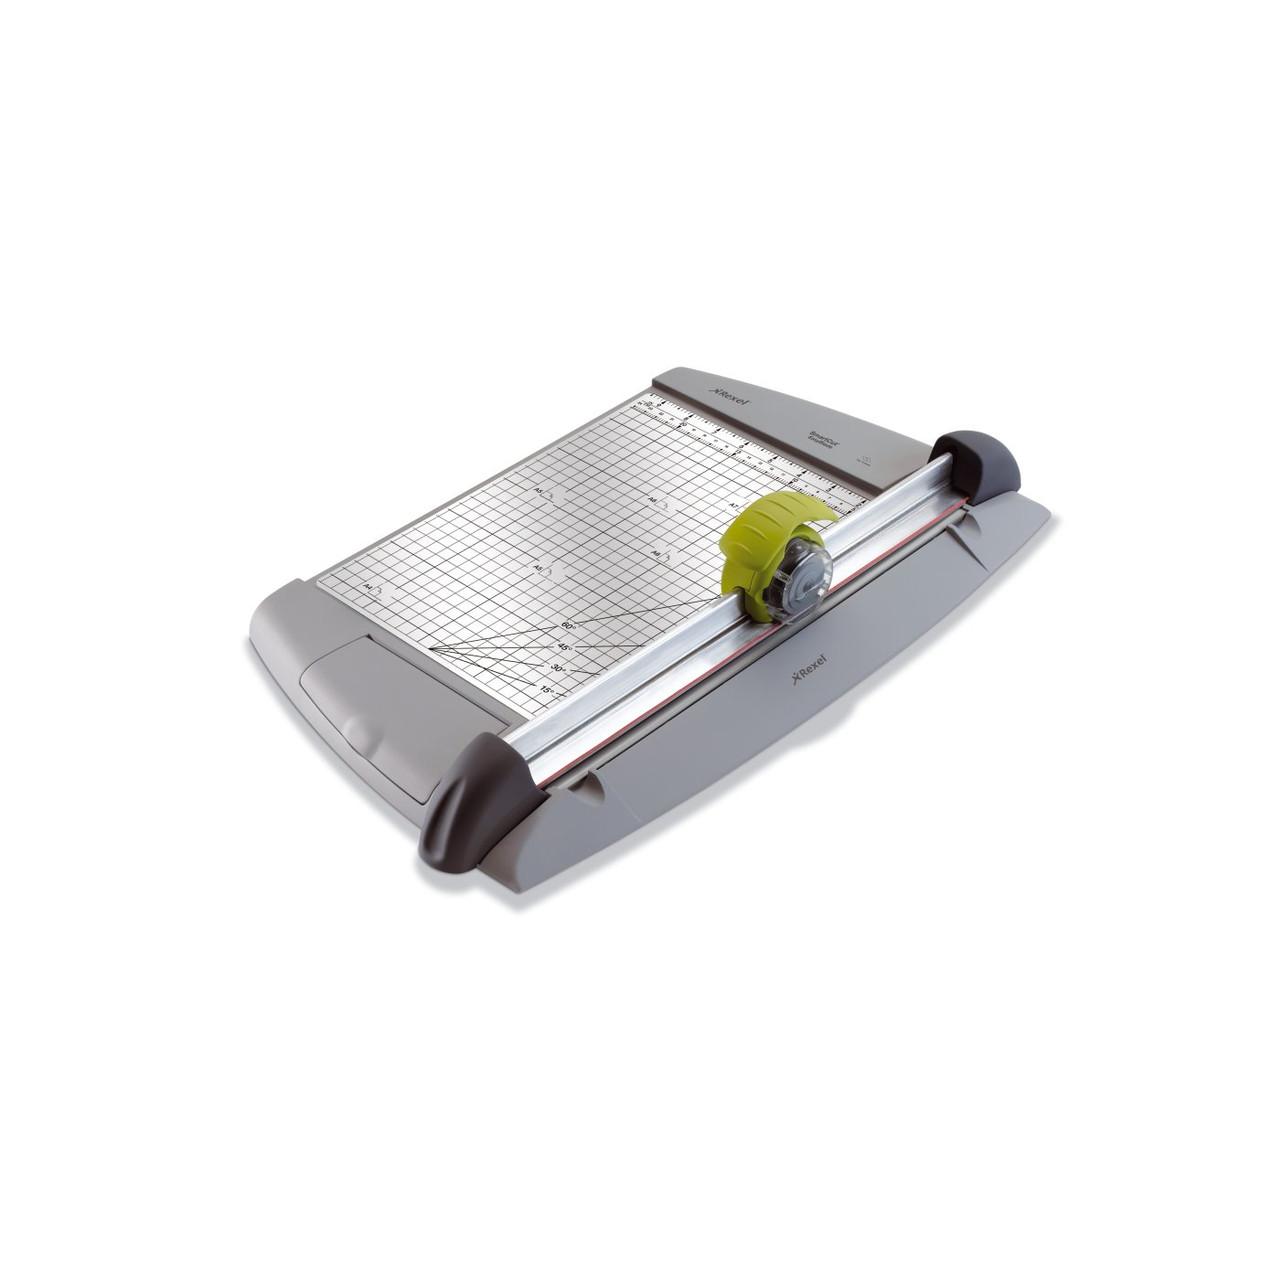 REXEL SMARTCUT EasyBlade резак роликовый , 320 мм., 10 листов. Высококачественная резка бумаги формата А4.